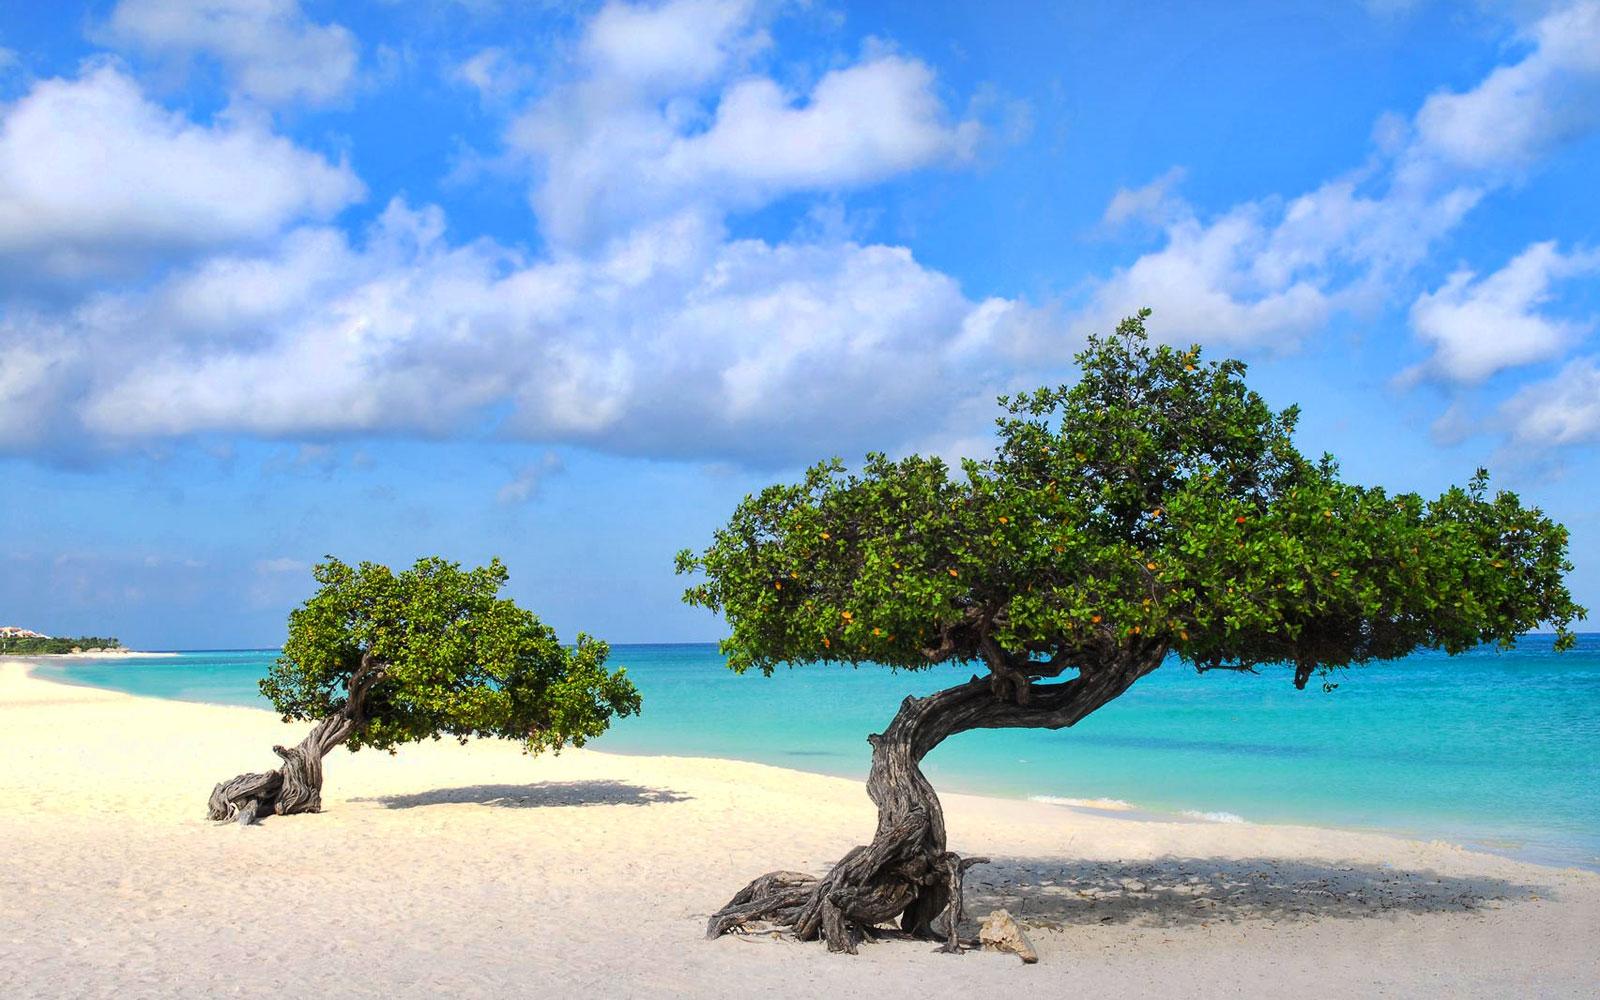 3_eagle_beach_palm_eagle_beach_aruba.jpg